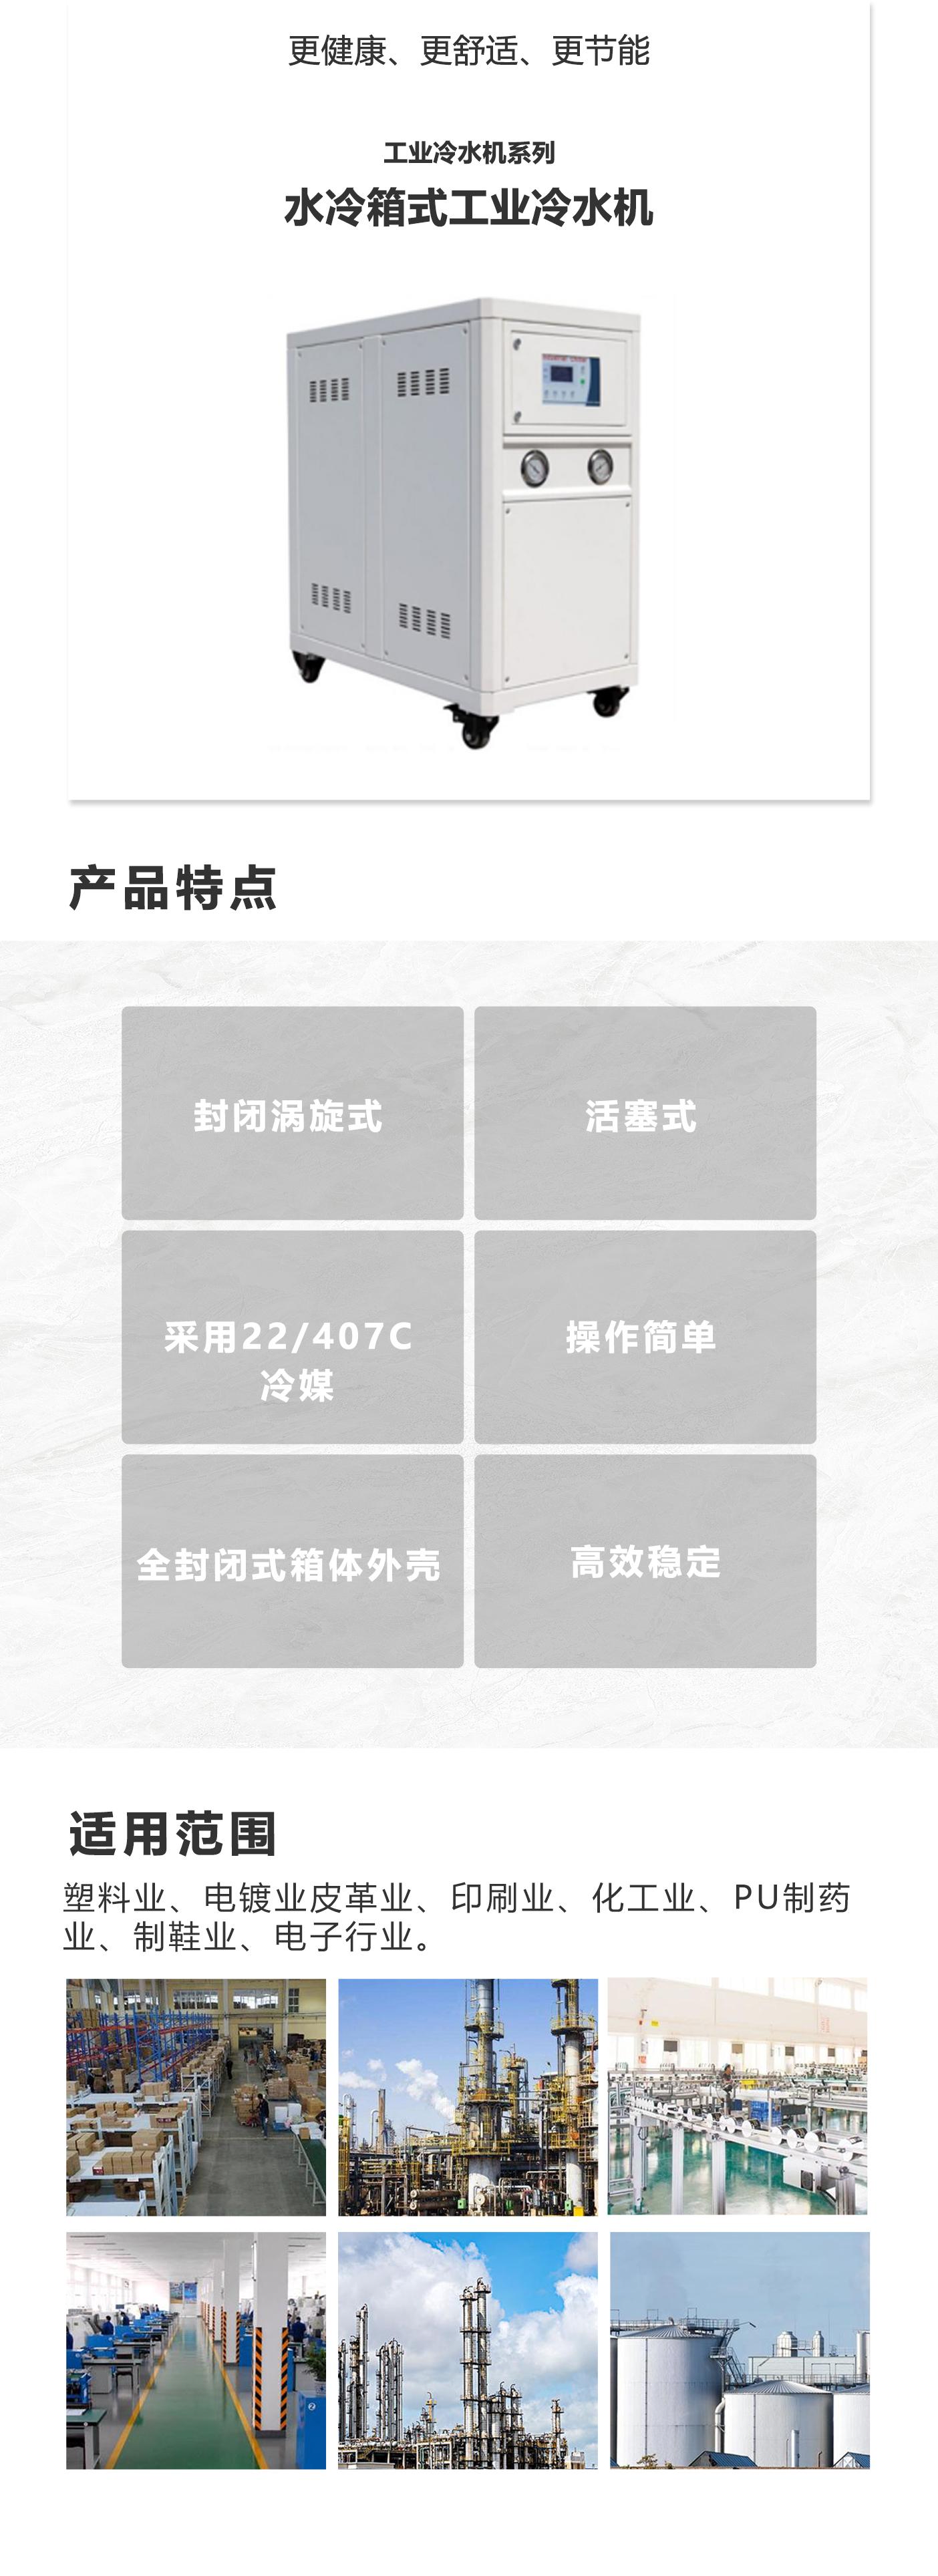 水冷箱式工业冷水机.jpg